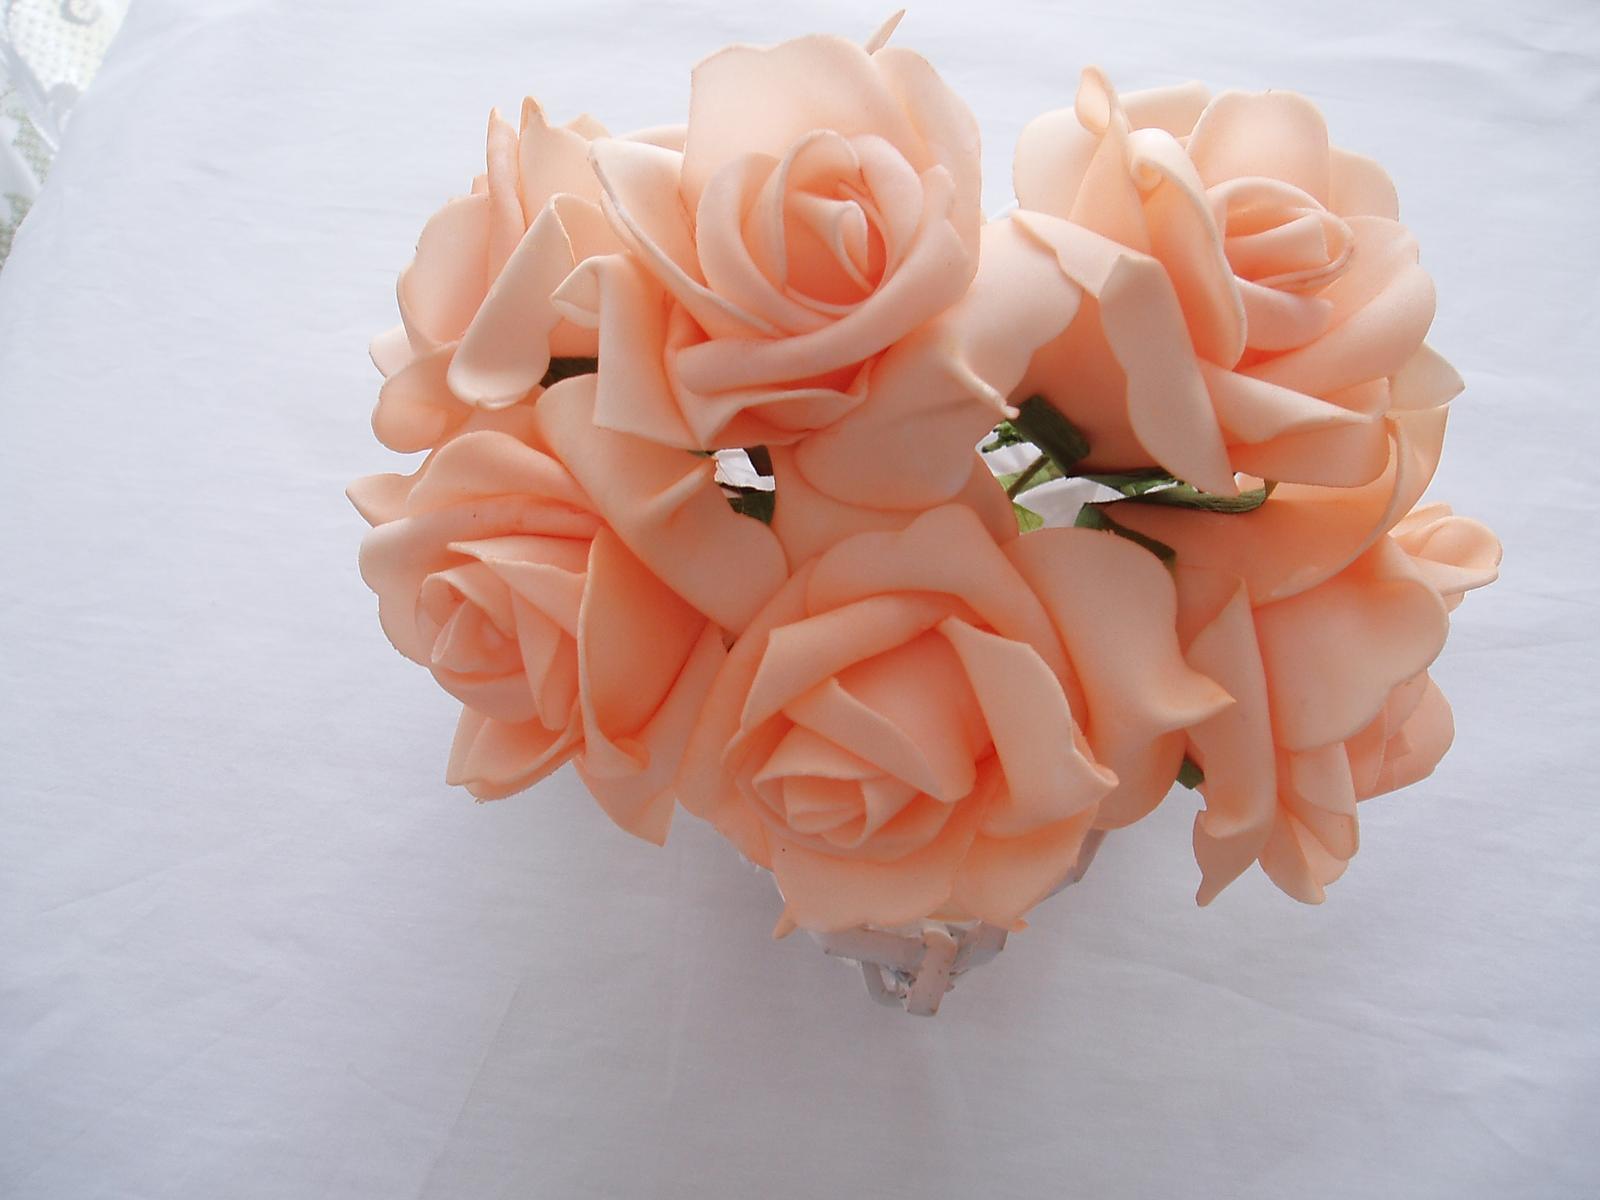 pěnová růže-meruňková - Obrázek č. 1